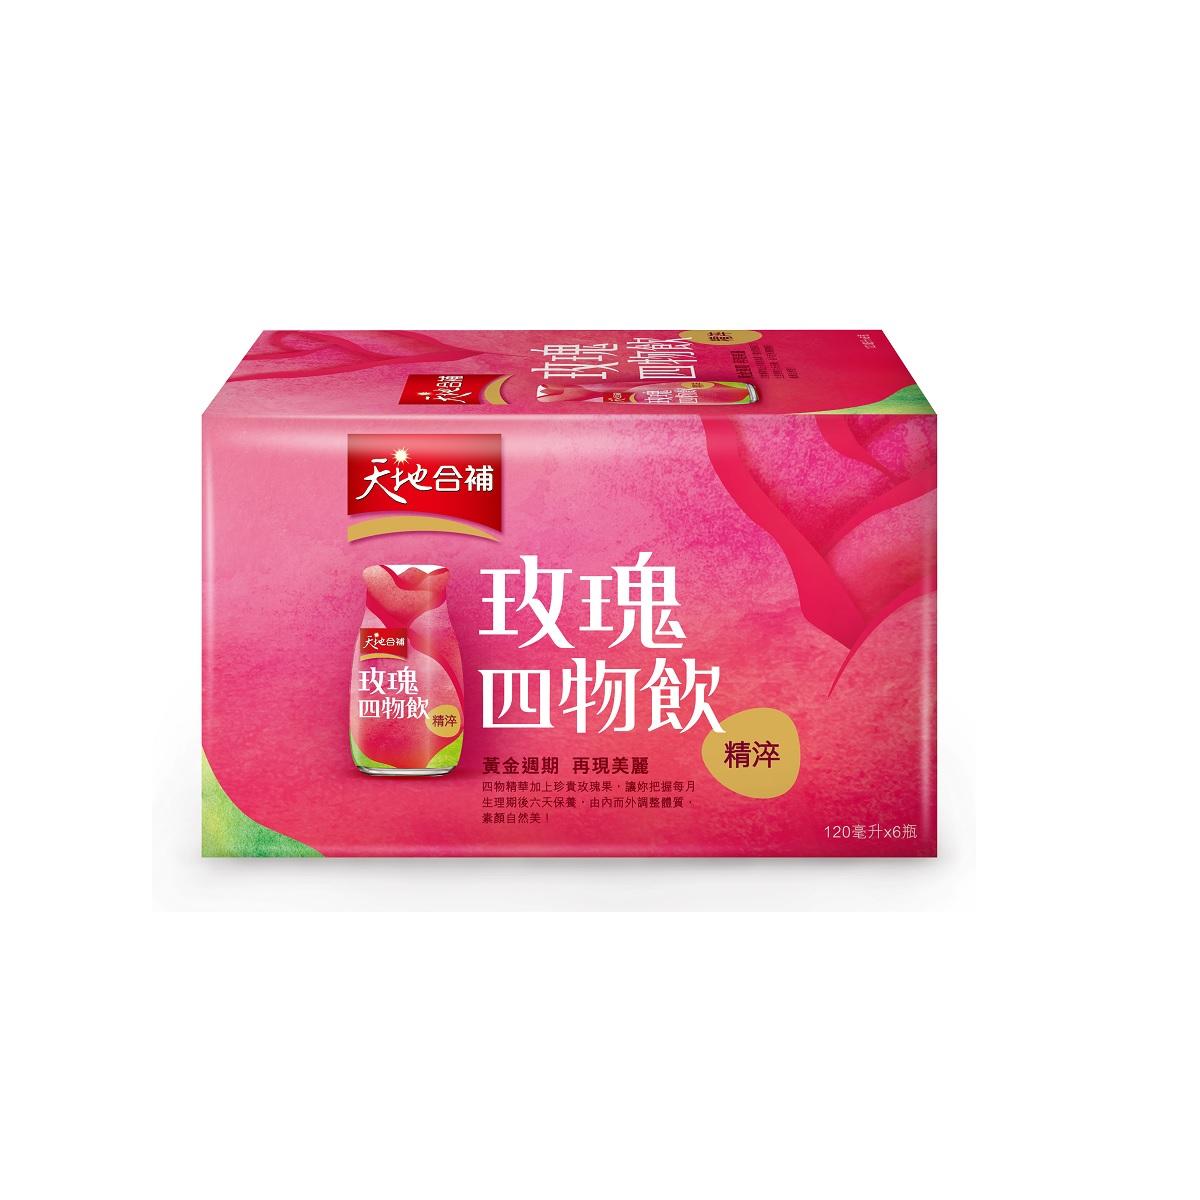 佳格天地合補精淬玫瑰四物飲盒裝6瓶